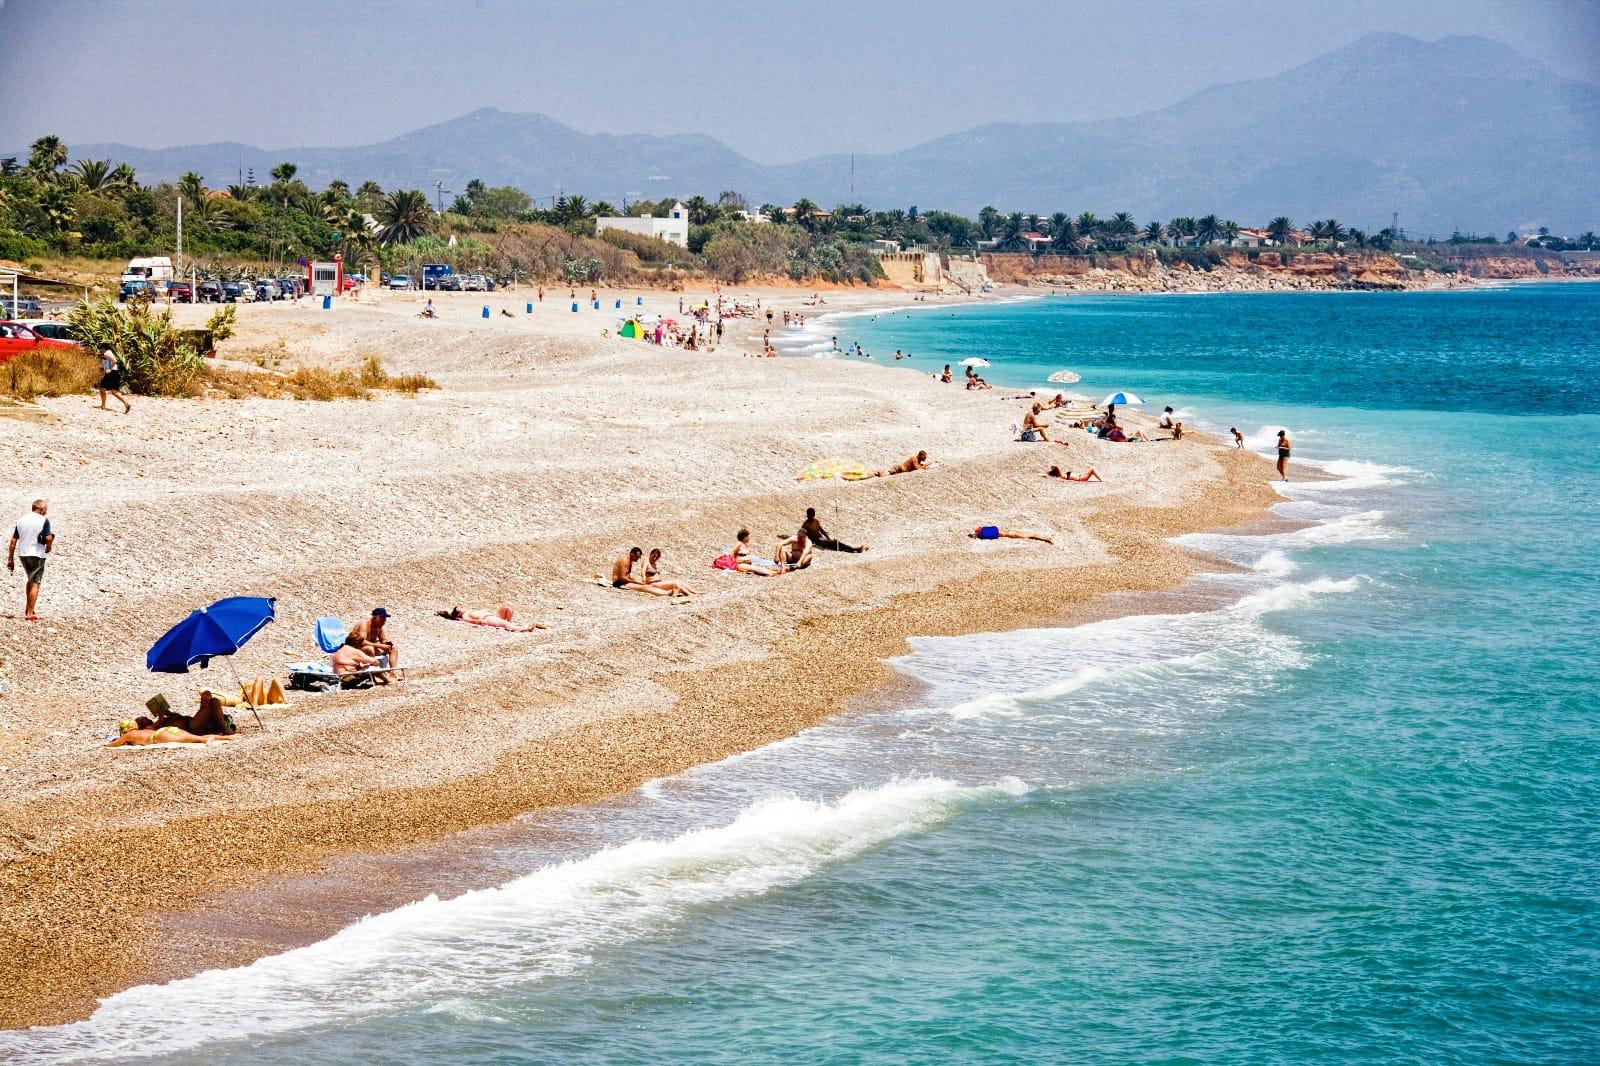 Surten a licitació dos xiringuitos a la Mar Xica de Benicarló per a la temporada estival